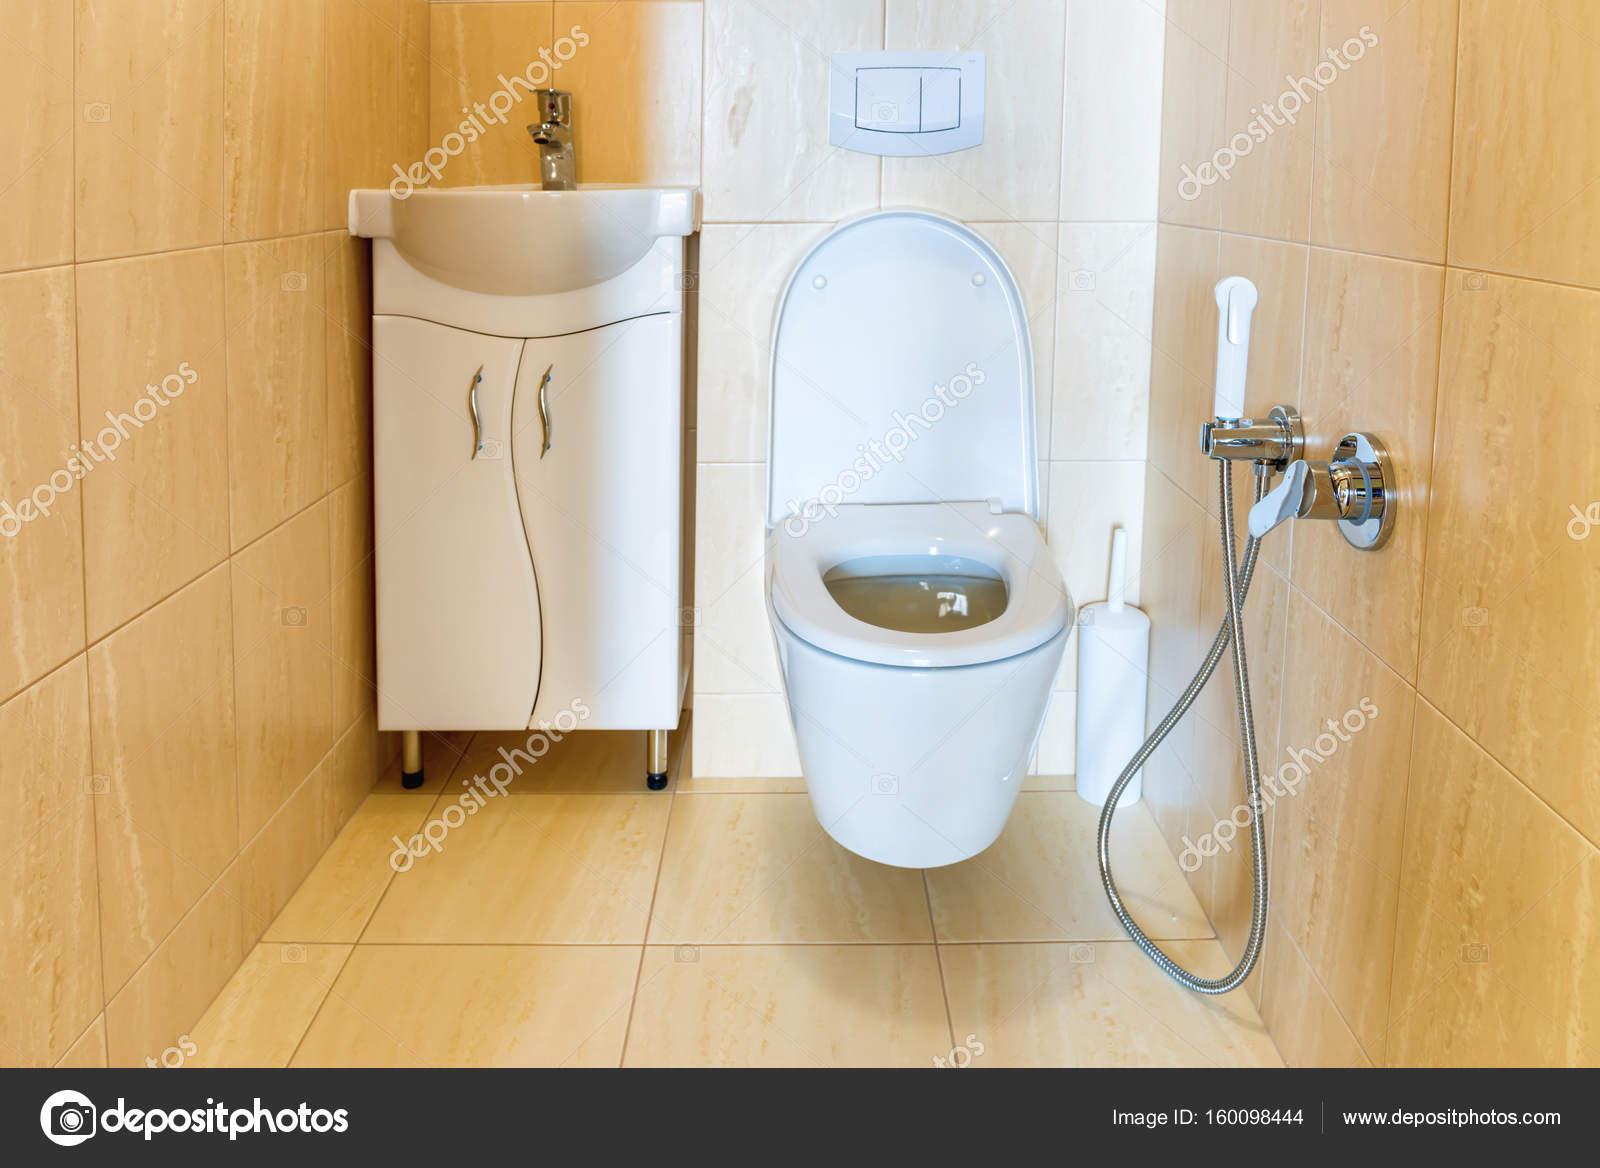 Toilette Salle De Bain Int Rieur Photographie Dovapi 160098444